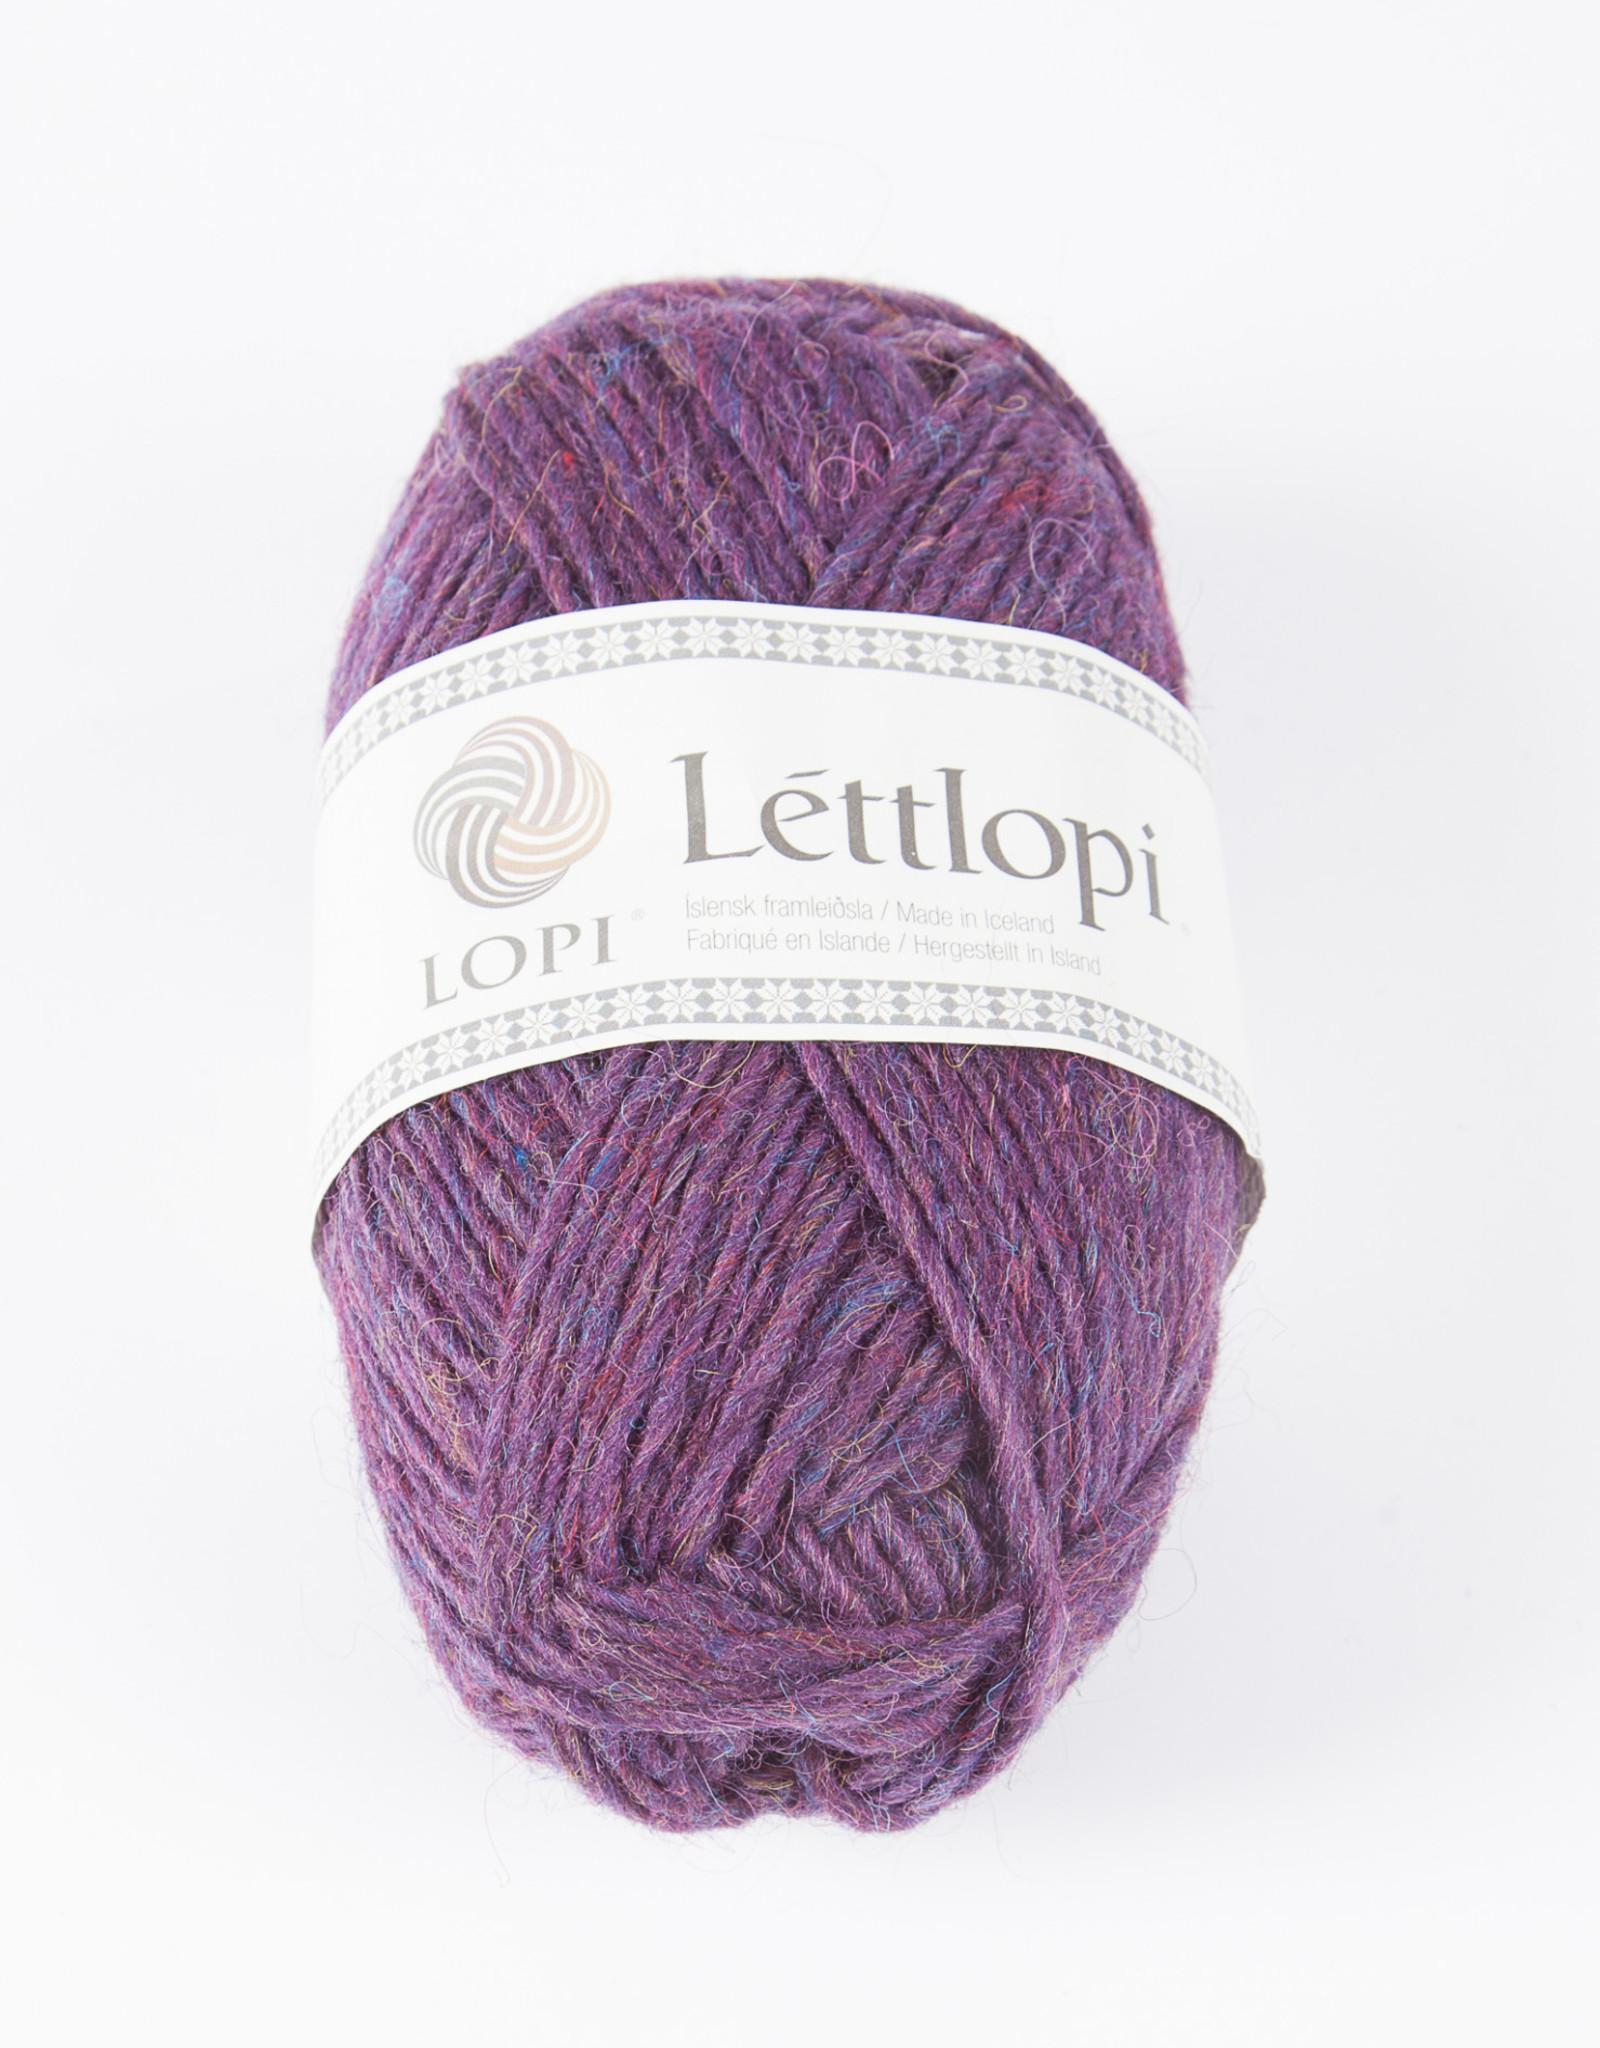 Lettlopi 50g 1414 violet heather